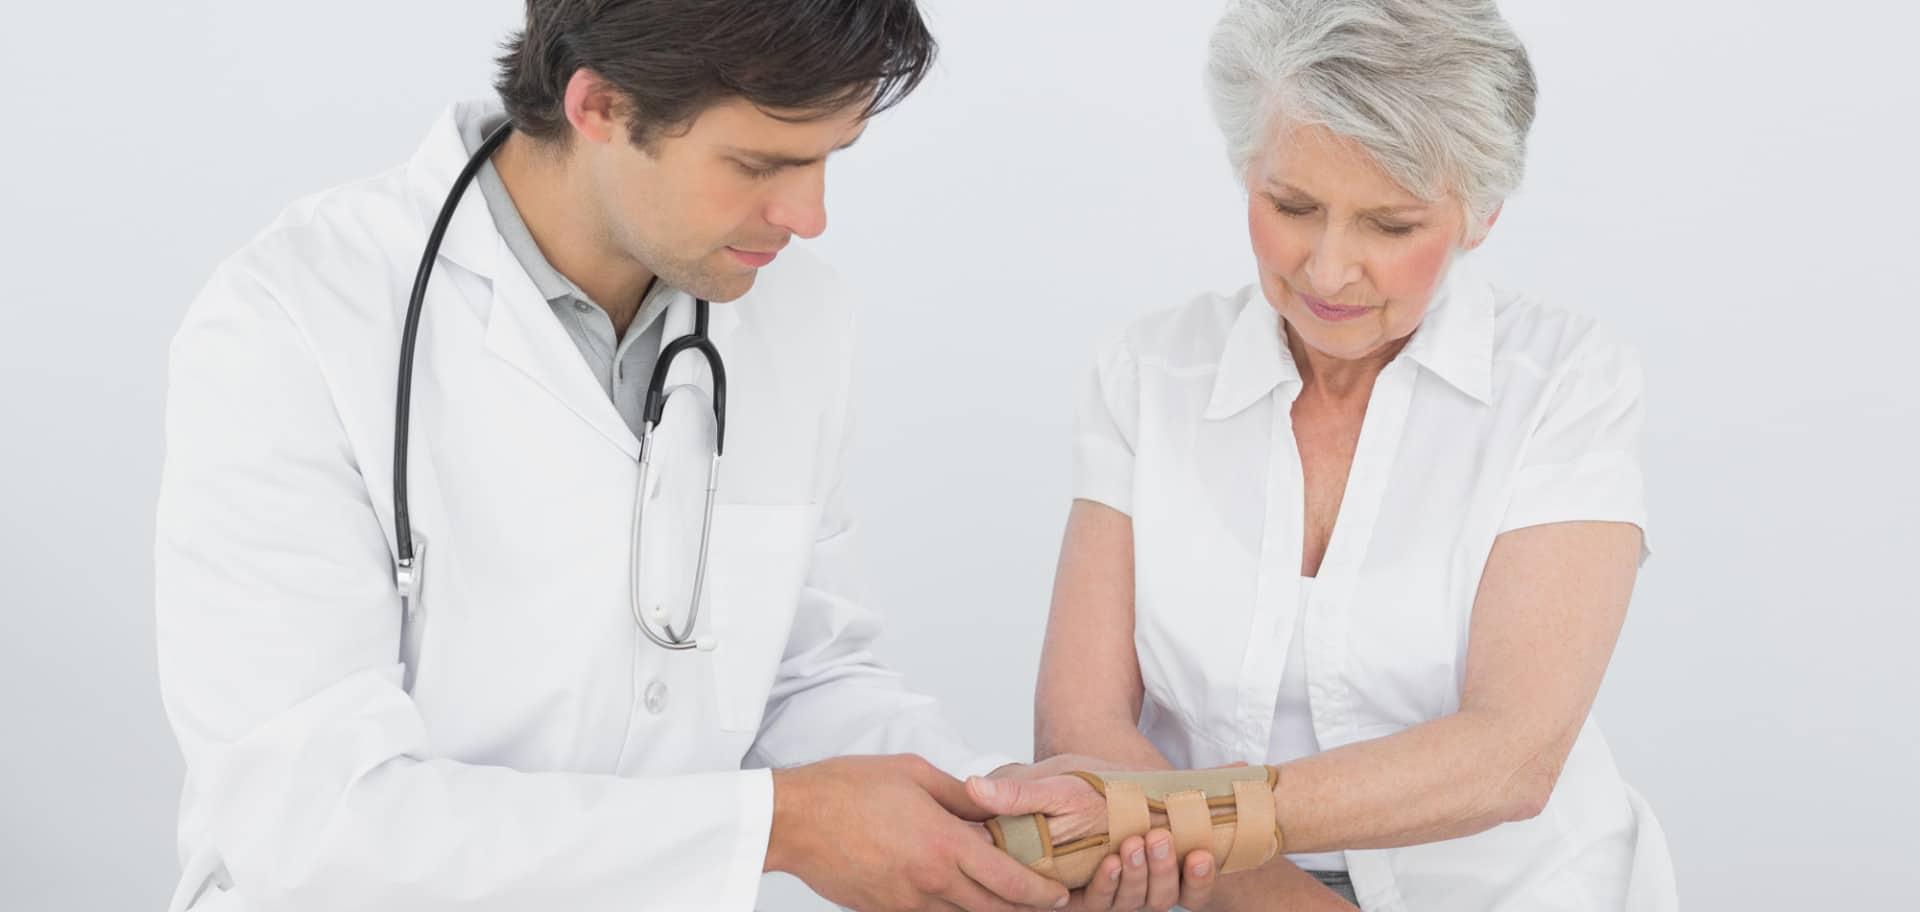 Top-Notch Neurological Care